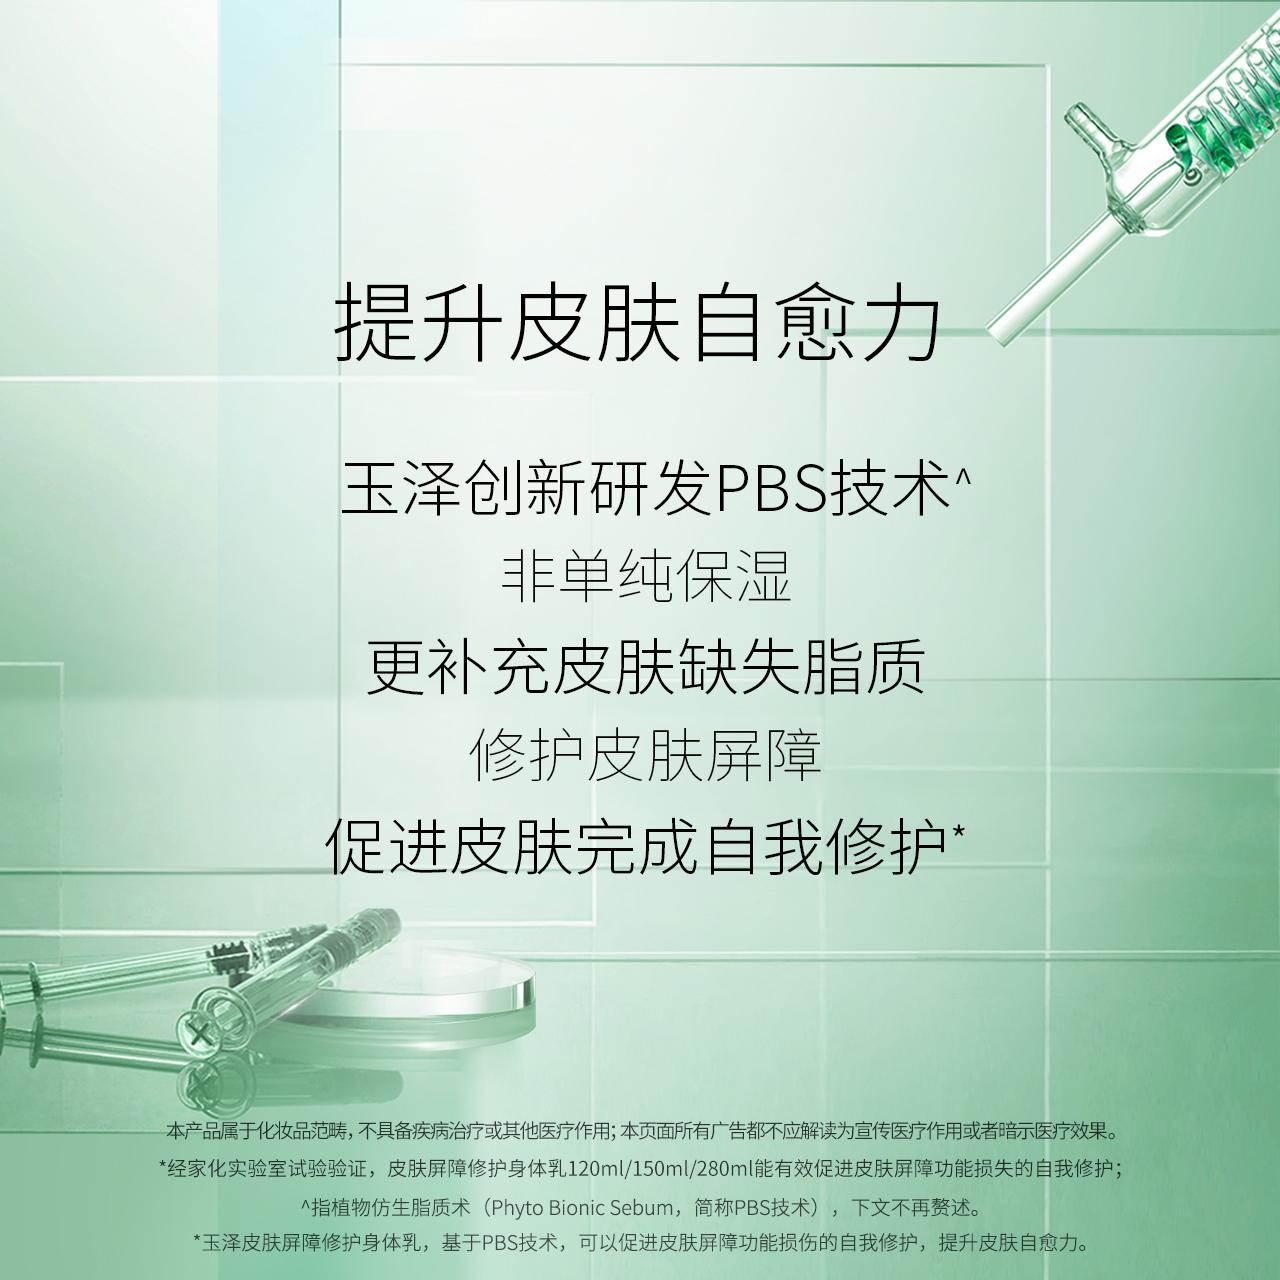 玉泽皮肤屏障修护身体乳120/280ml 滋润保湿护肤敏肌适用 No.4